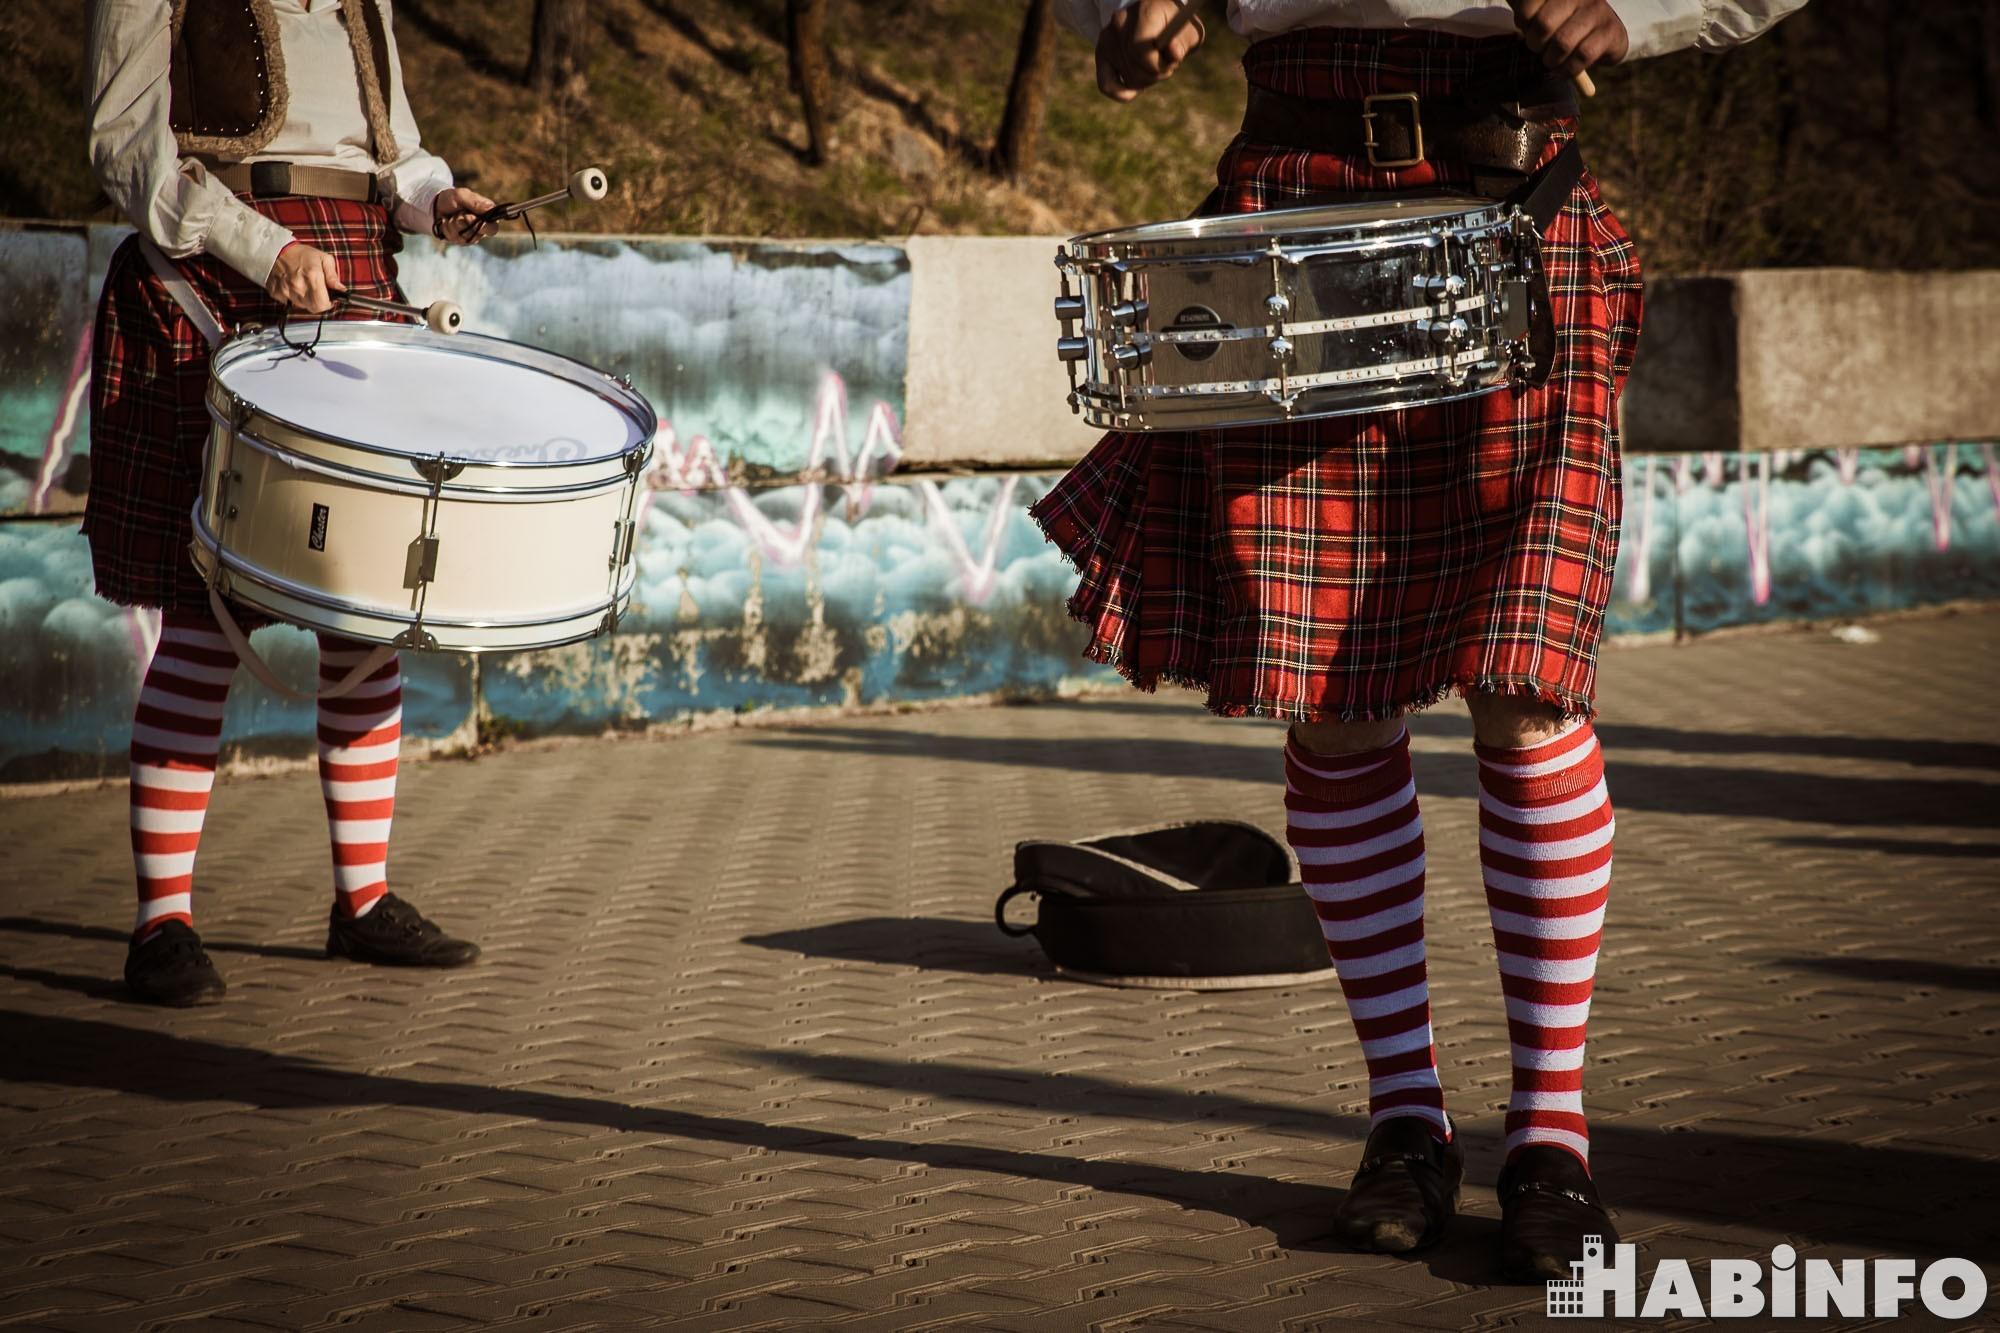 Уголок Шотландии появился на хабаровской набережной